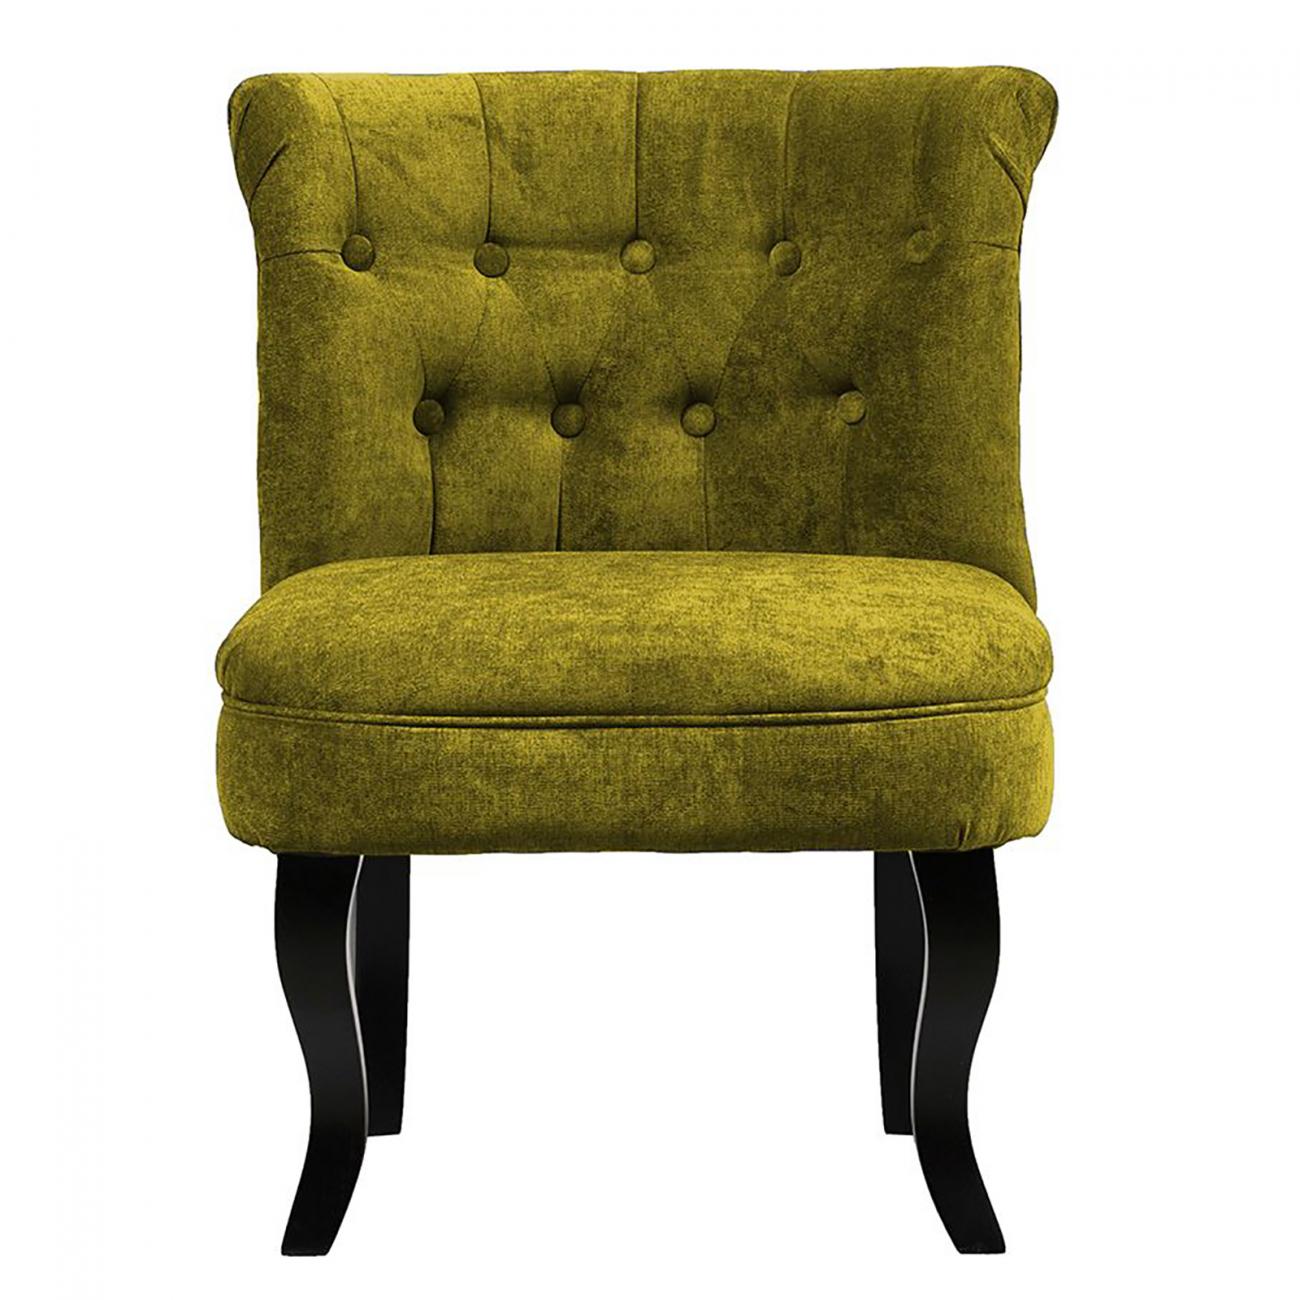 Купить Кресло Dawson Оливковый Велюр в интернет магазине дизайнерской мебели и аксессуаров для дома и дачи